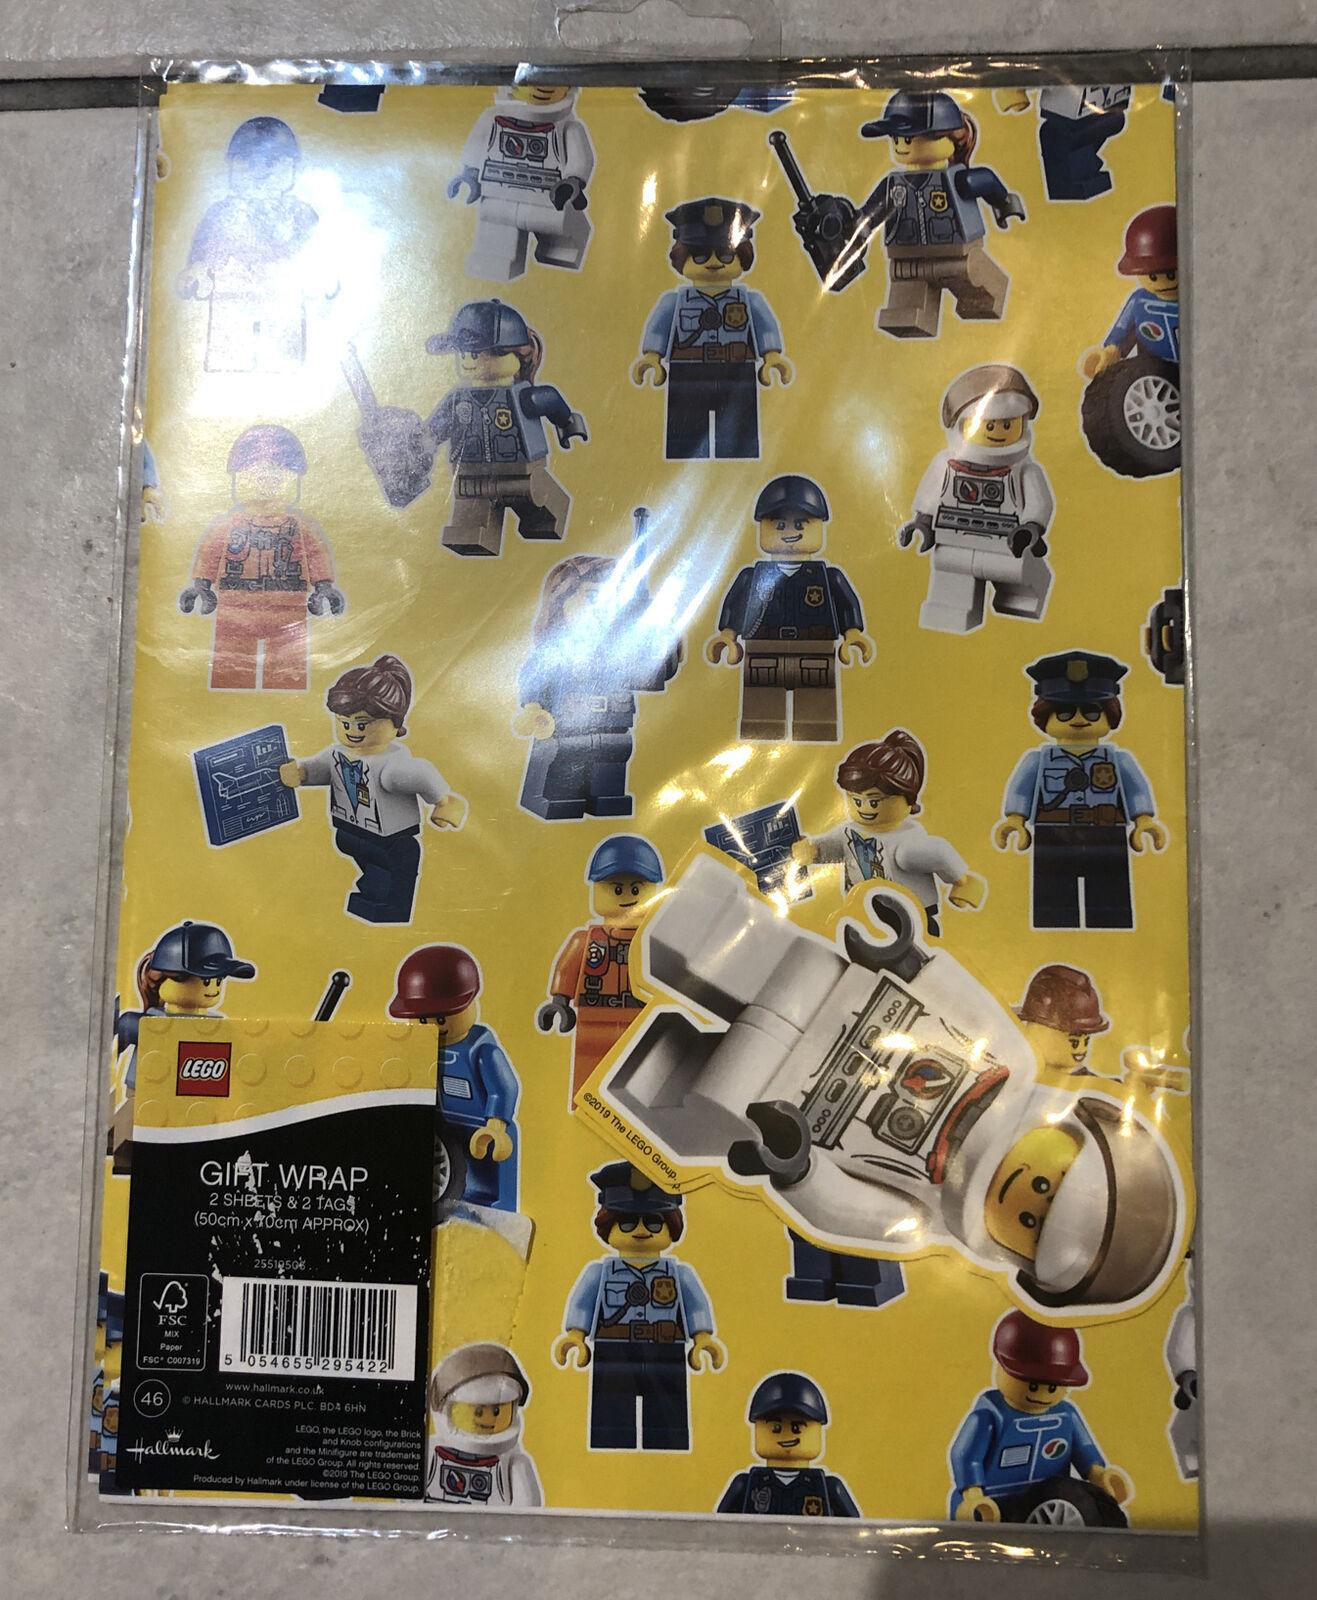 1 x hoja de papel de envoltura de Lego (paquete de 2) con las etiquetas